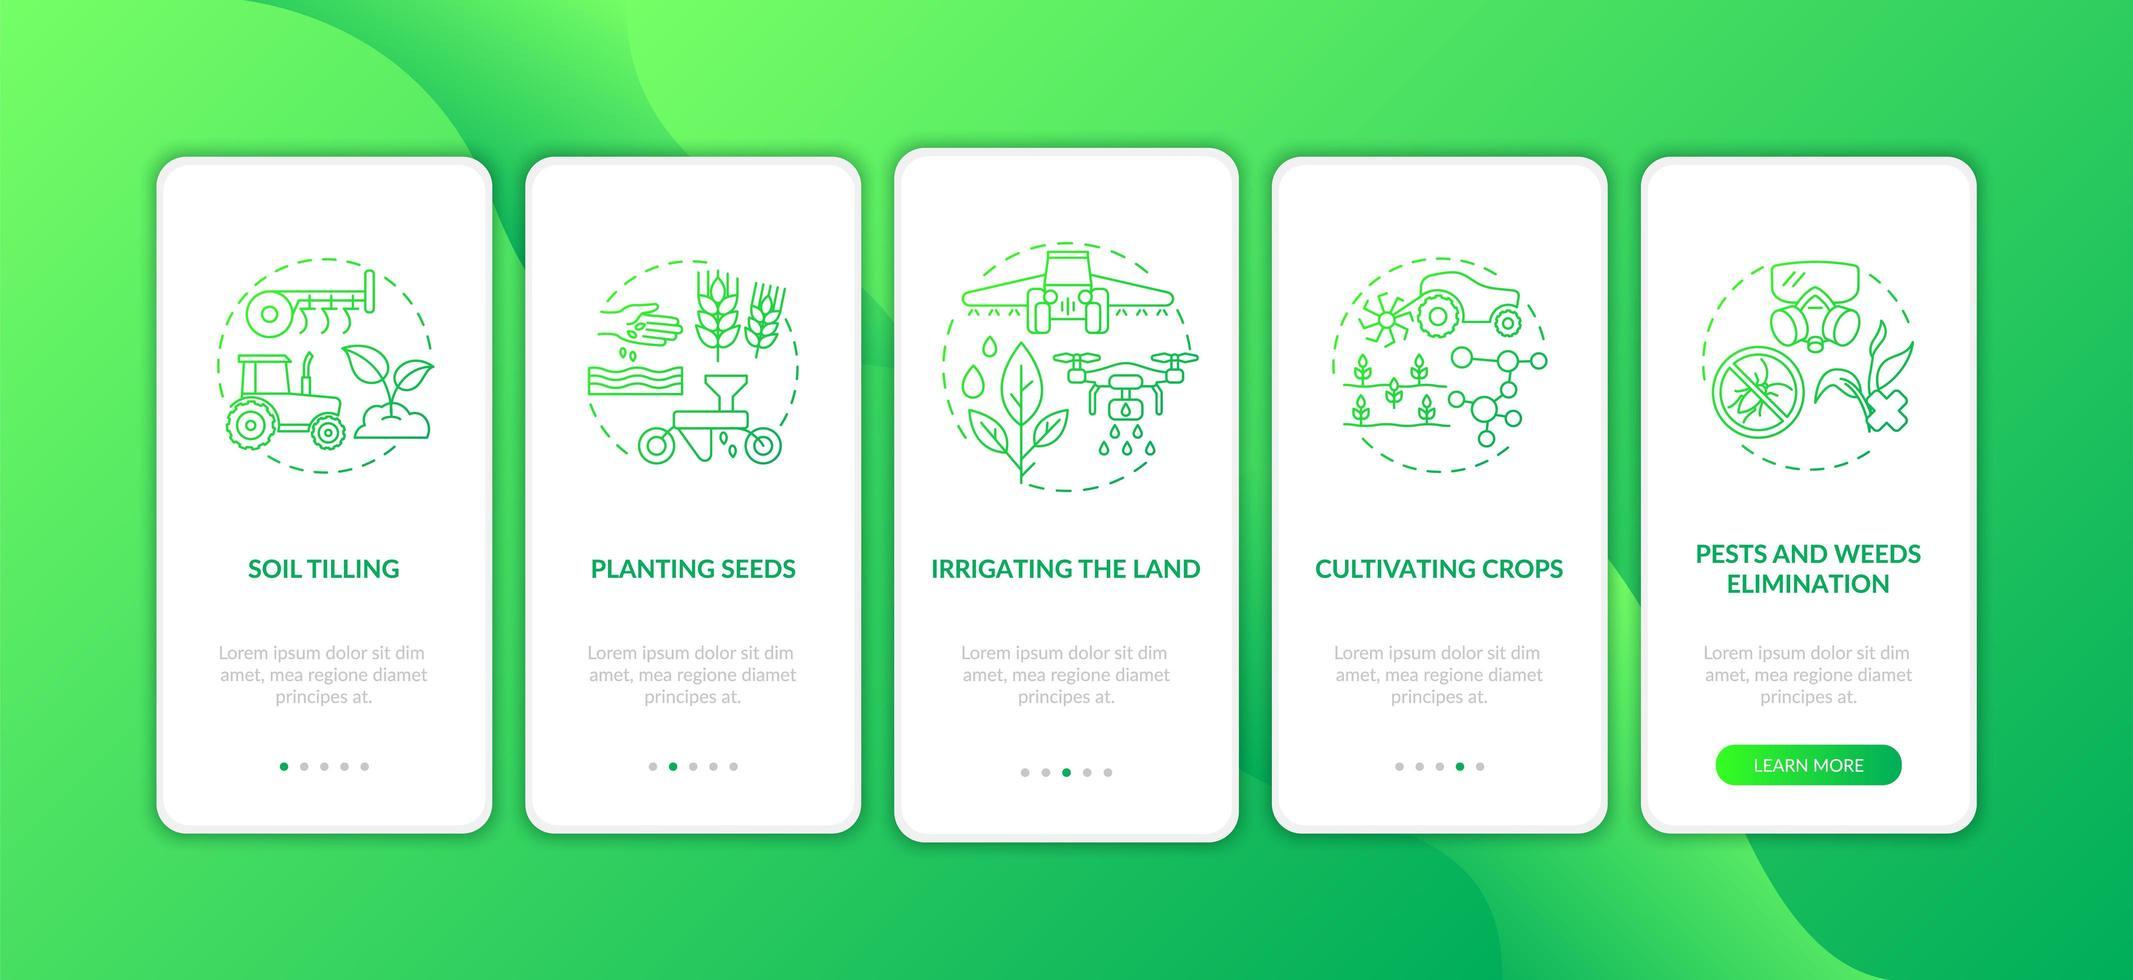 Landwirtschaftsmaschinen Aufgaben Onboarding Mobile App Seite Bildschirm mit Konzepten vektor